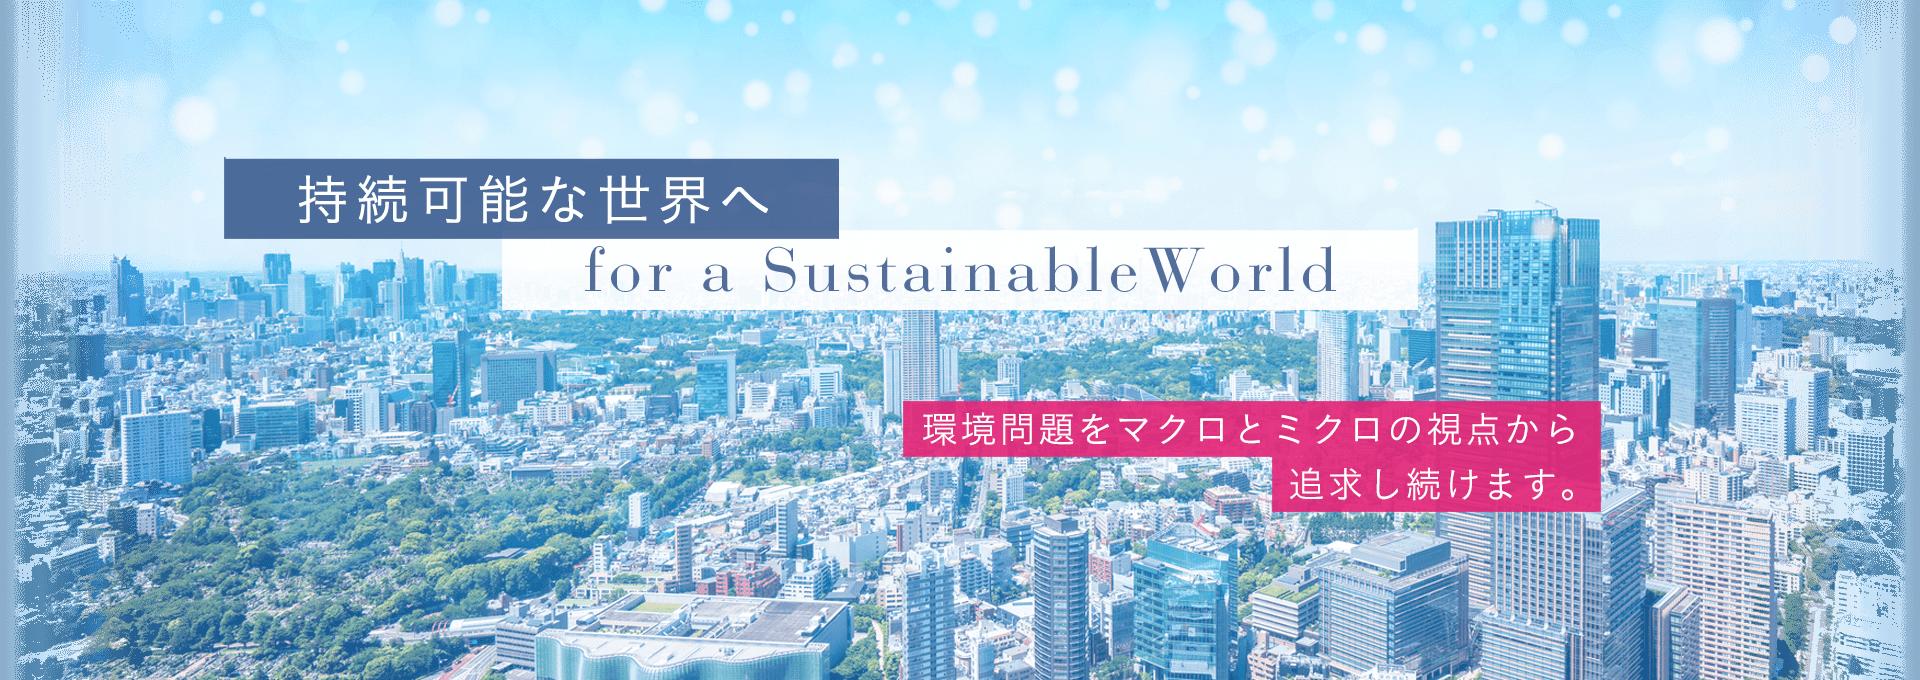 持続可能な世界へ/環境問題をマクロとミクロの視点から追求し続けます